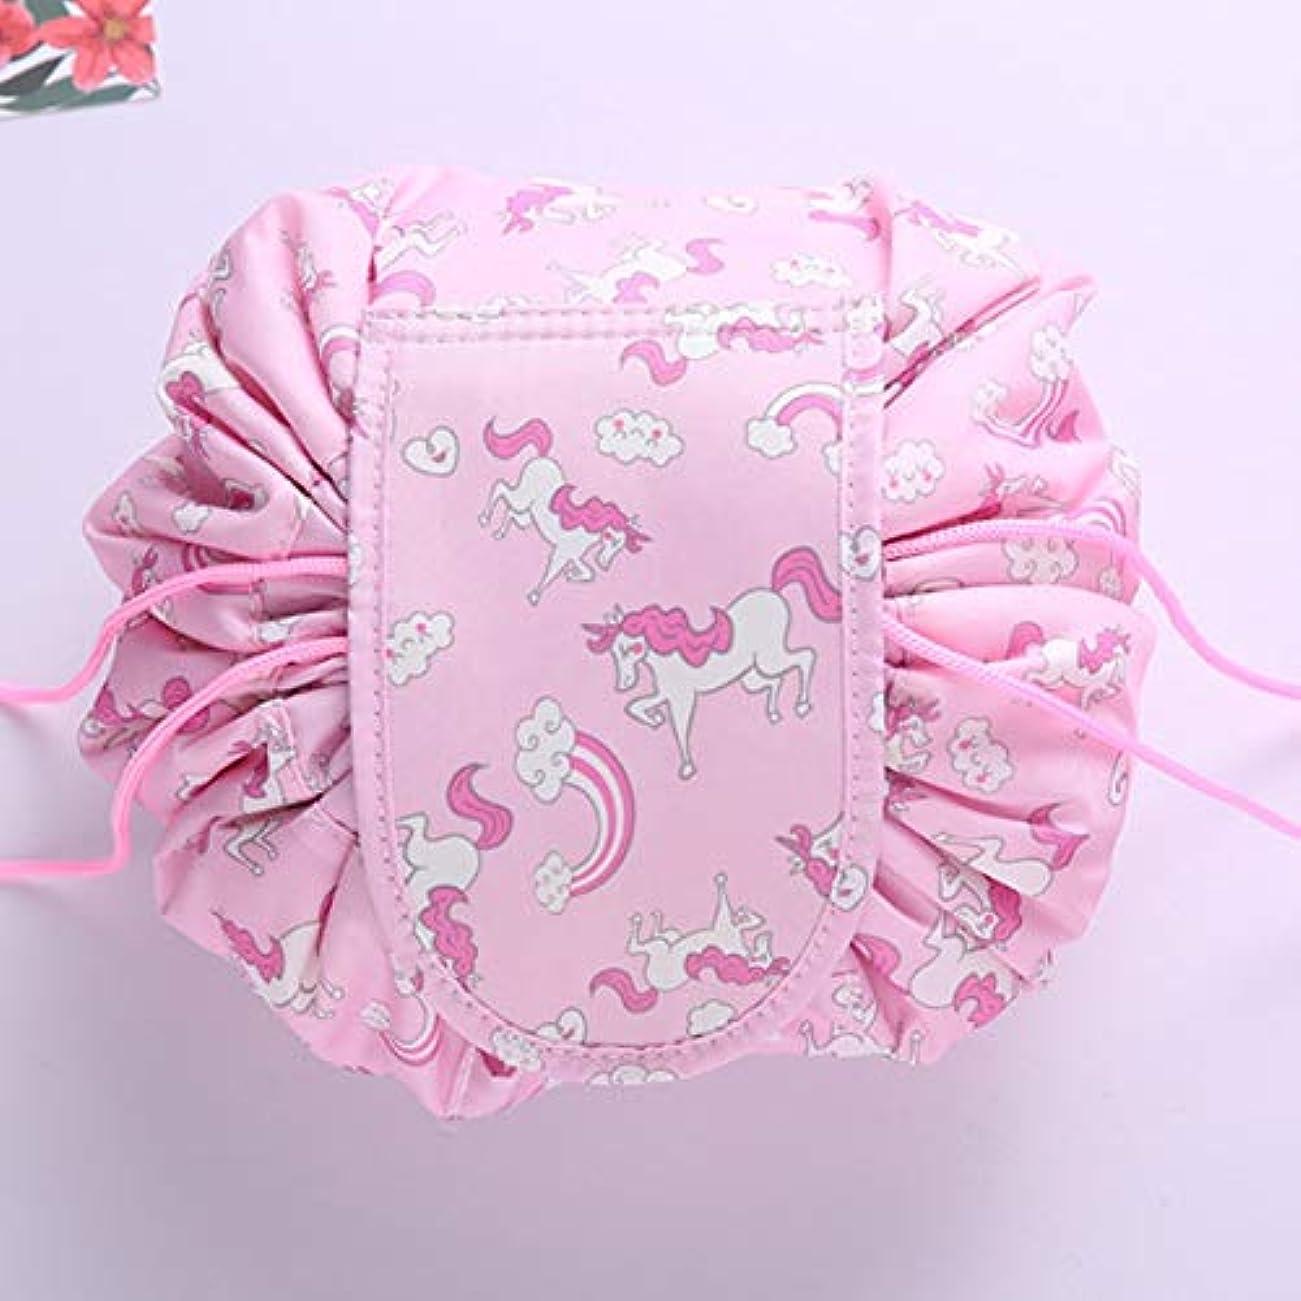 ヘルシー海軍ゴネリルQuzama-JS 満足新しい女性ユニコーン化粧品バッグニモロープロープ化粧品プロフェッショナルプロケースケース旅行rtifactラッカーバンドルバッグ